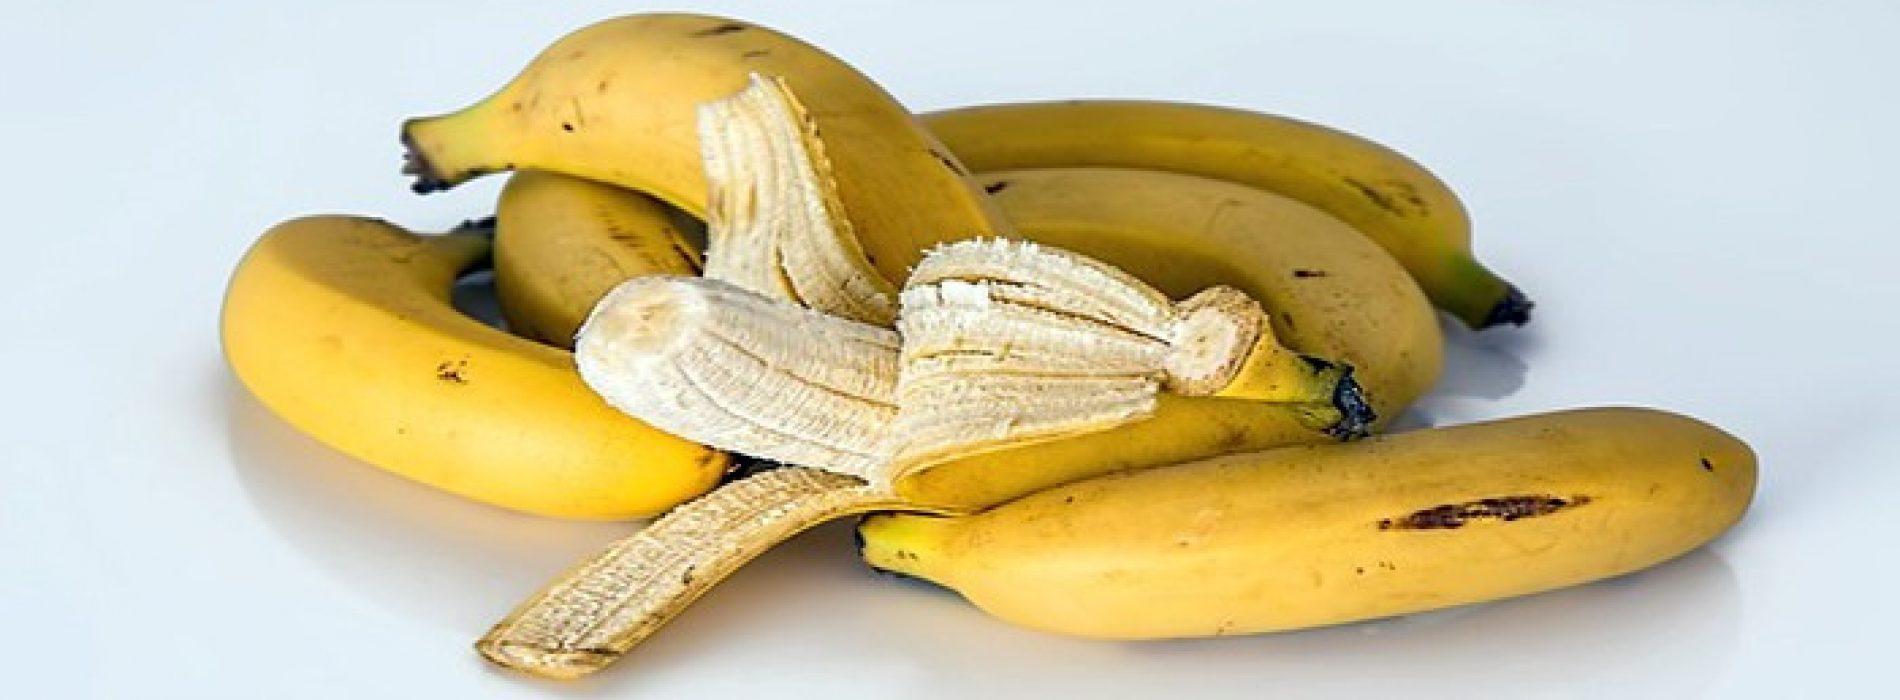 Eet jij twee bananen per dag? Dit is wat er dan met je lichaam gebeurt…